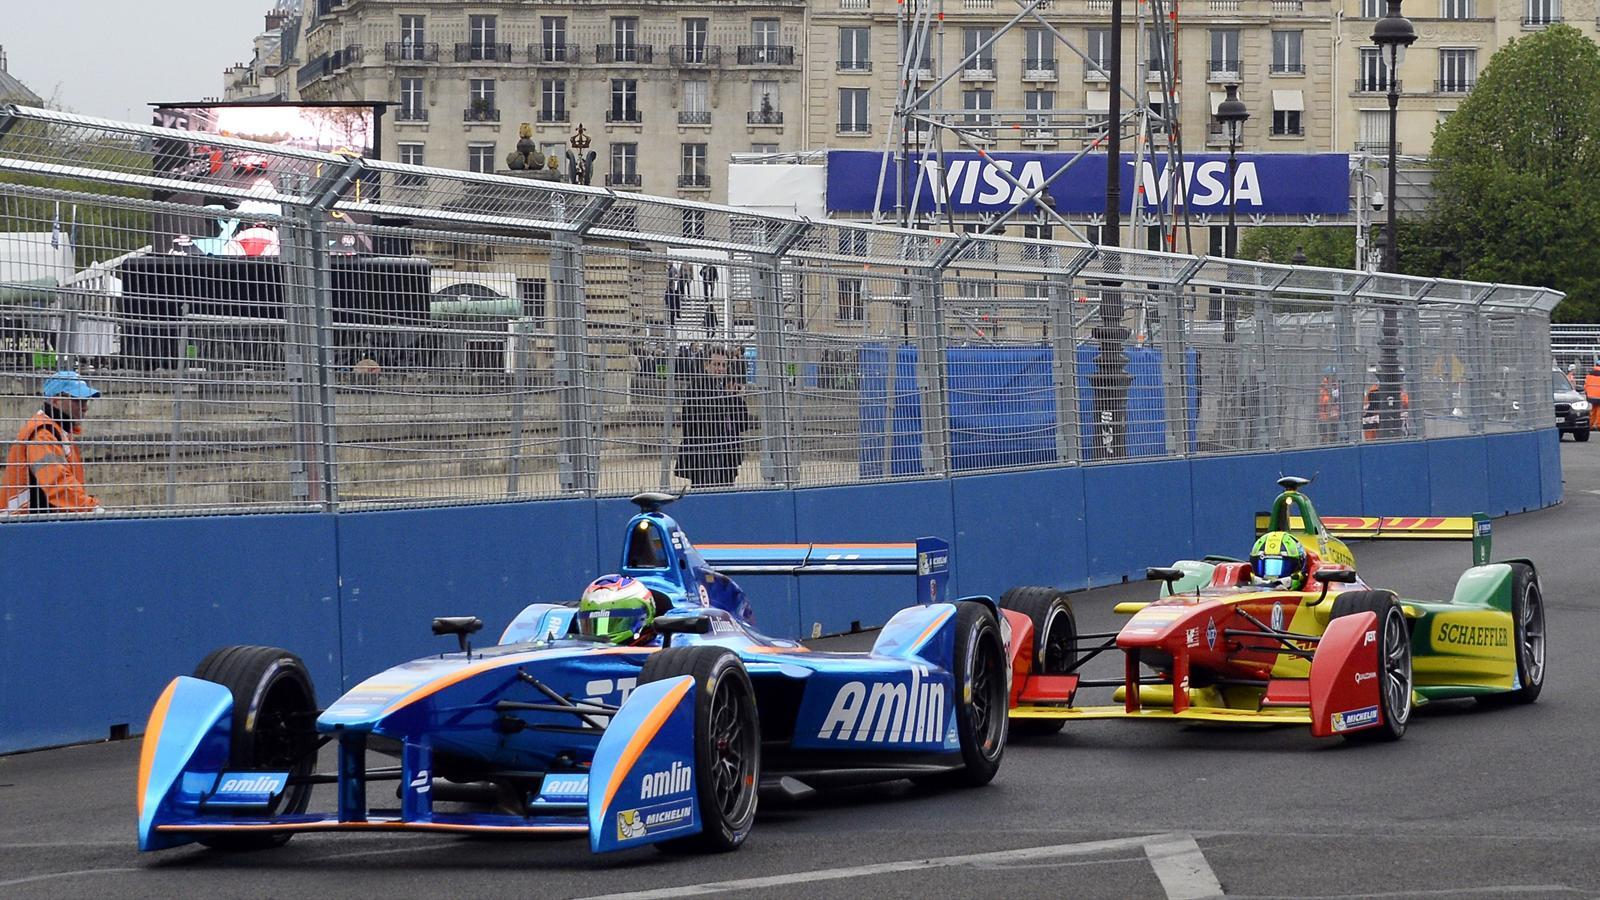 Vmax bruit fan boost ex pilotes de f1 etc toute la formule electrique expliqu e paris - Formule vitesse de coupe ...